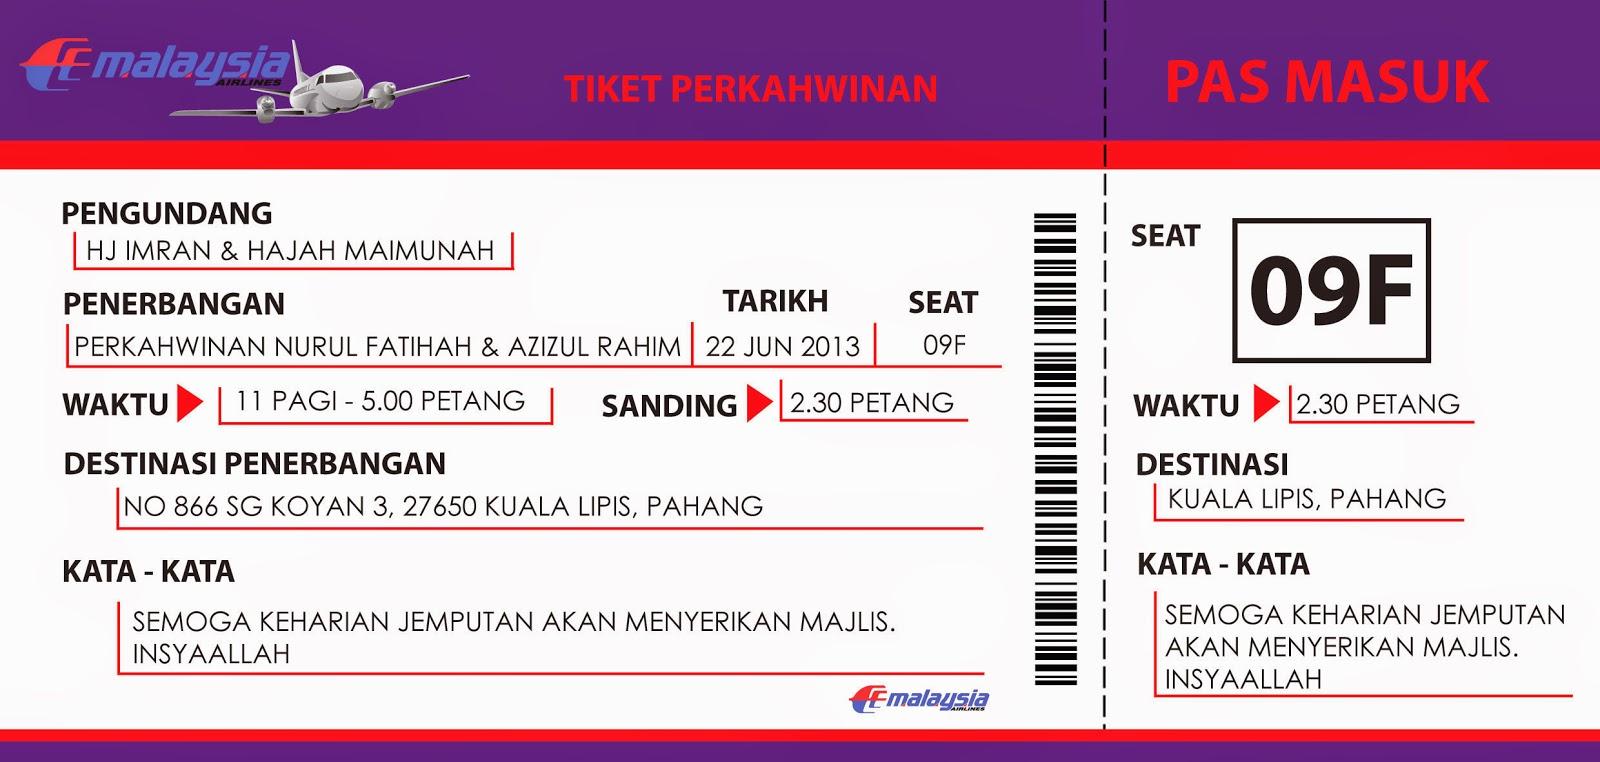 Kad Kahwin Tiket Penerbangan Berbagai Bekalan Rumah